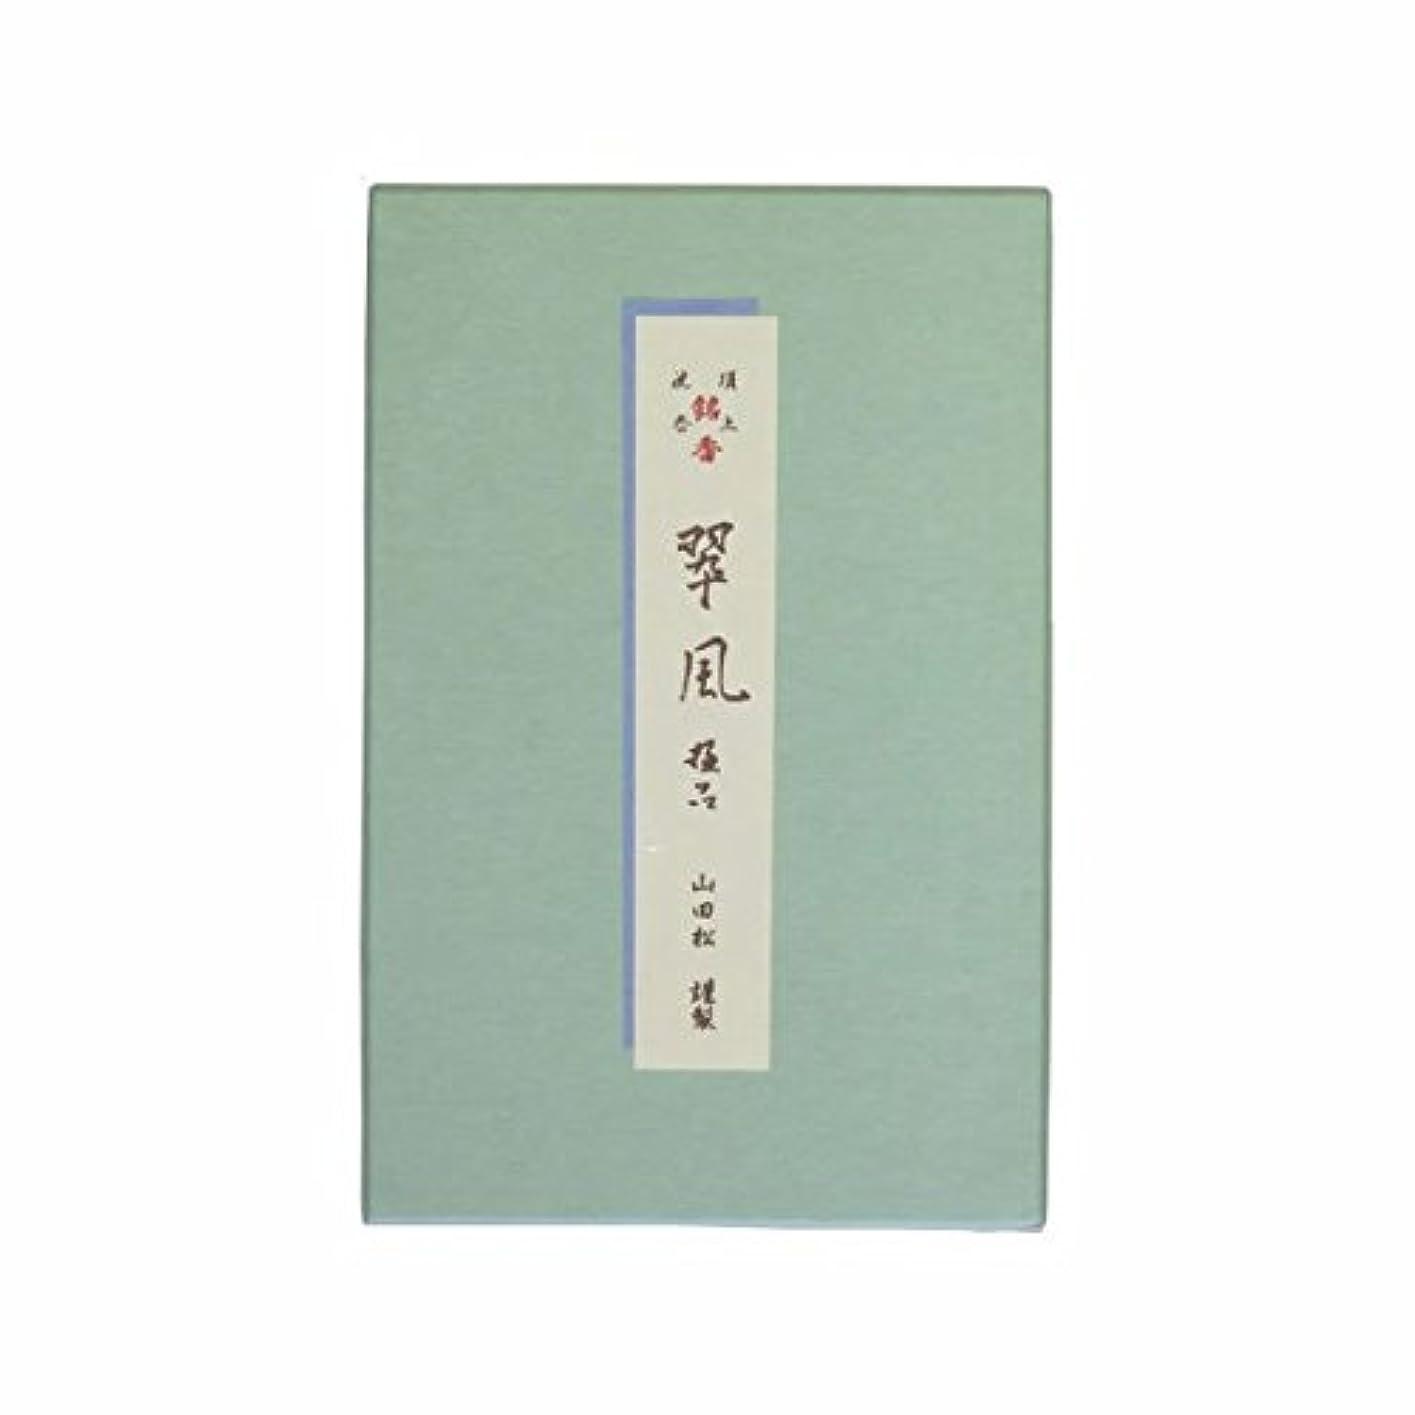 五十キャスト祈り翠風(極品) 短寸 バラ詰